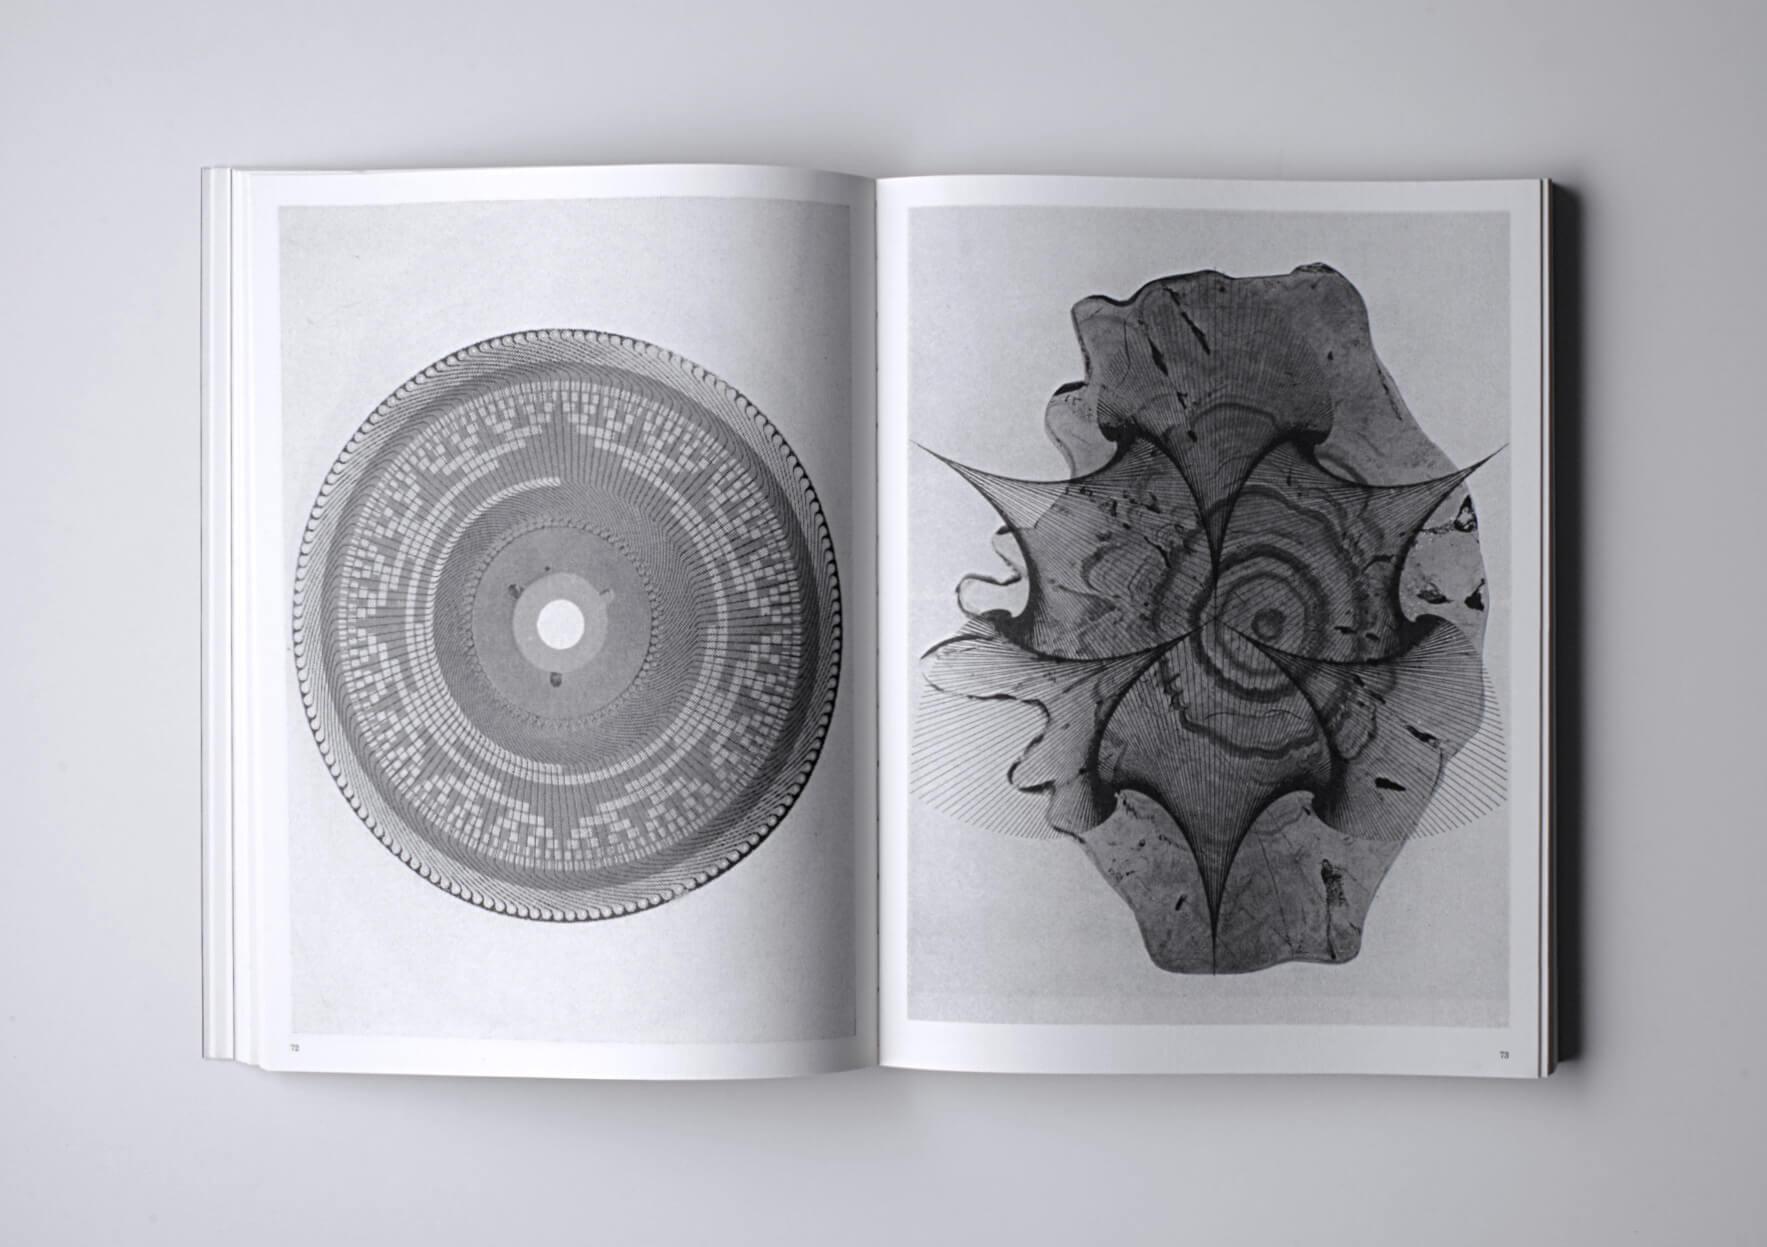 Batia Suter Radial Grammar, 2019 30 x 22.5 cm, 296 p. Ed. Roma Publications | Mother | ProjecteSD